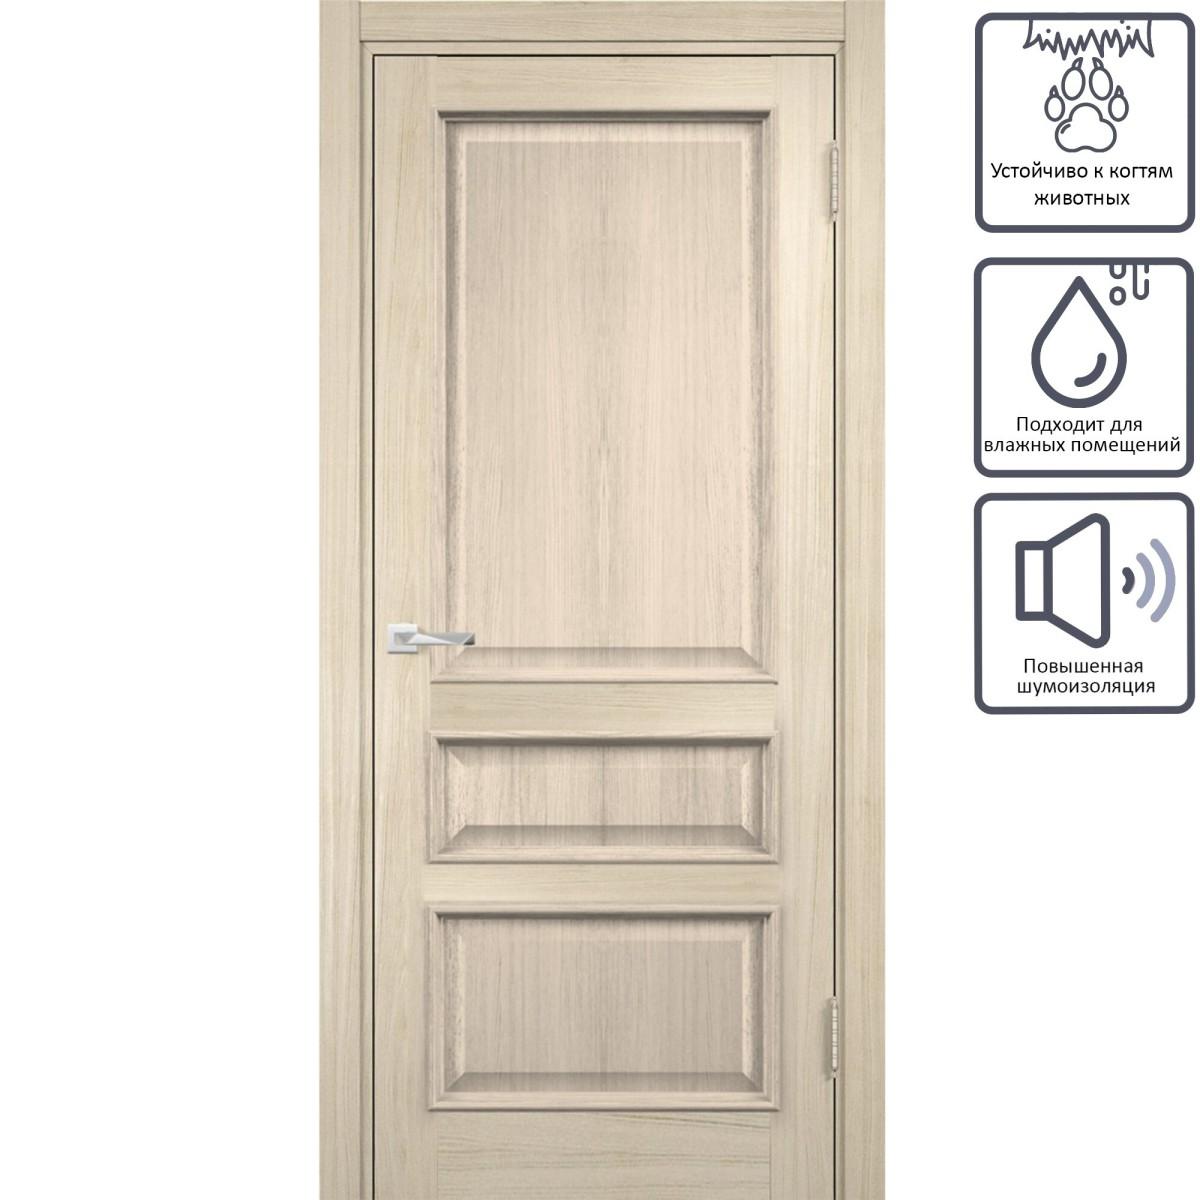 Дверь Межкомнатная Глухая С Замком В Комплекте Барселона 200x90 Пвх Цвет Дымчатый Дуб